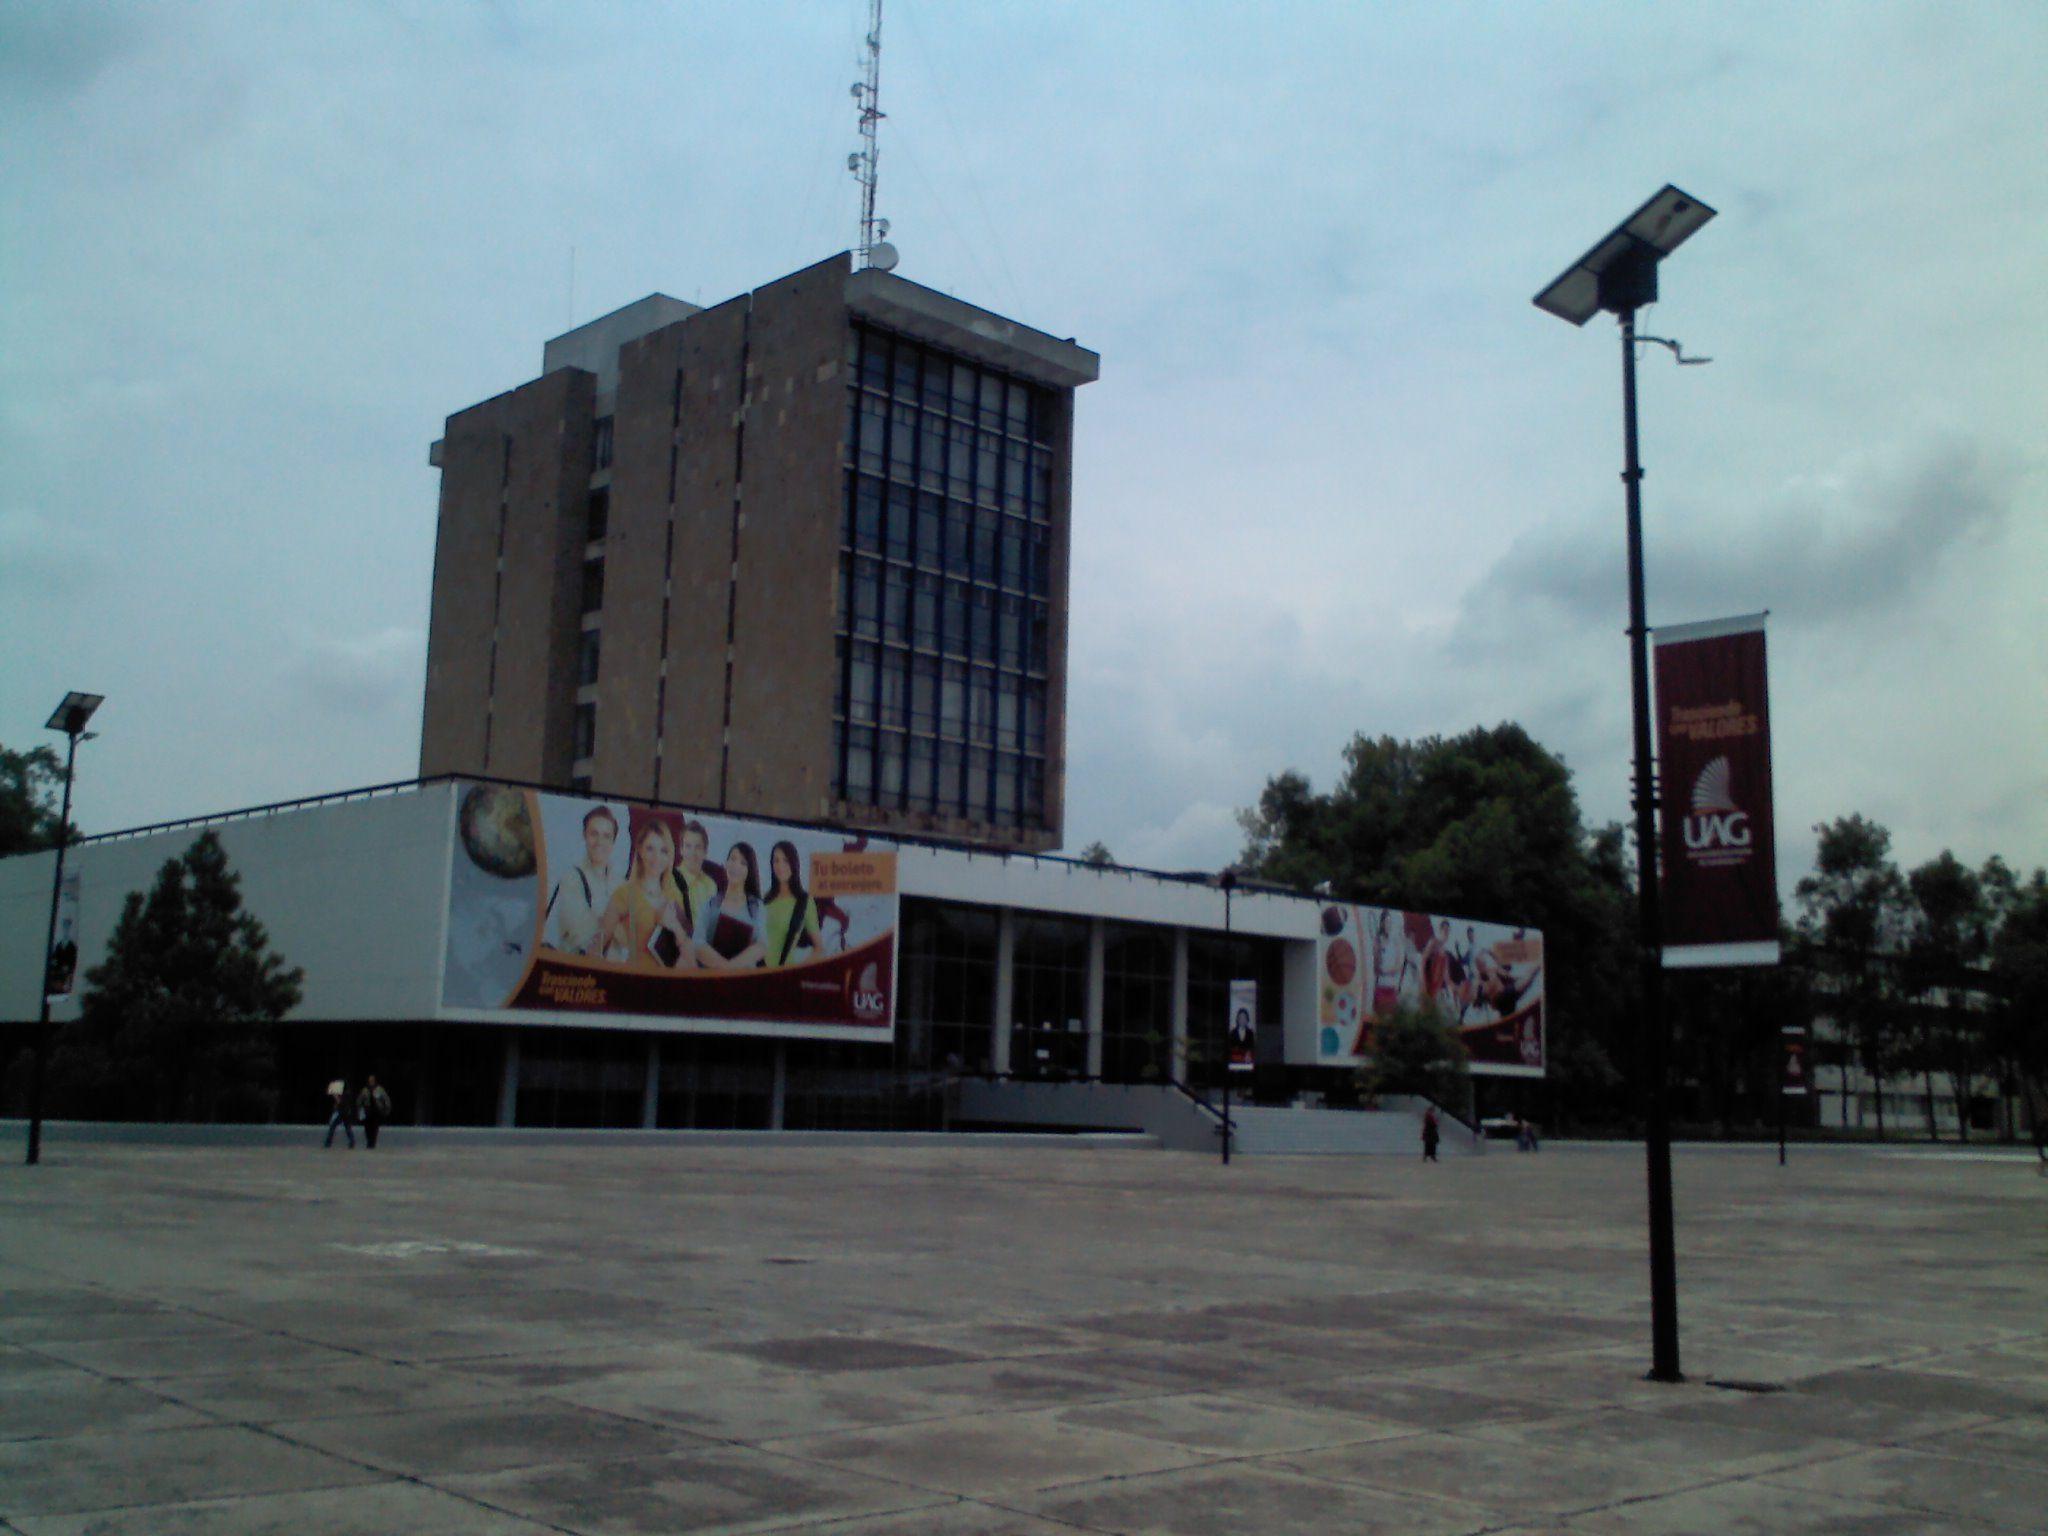 La Diseñan Discapacitados Juguetes Estudiantes De Uag Visuales Para bgf76vYy